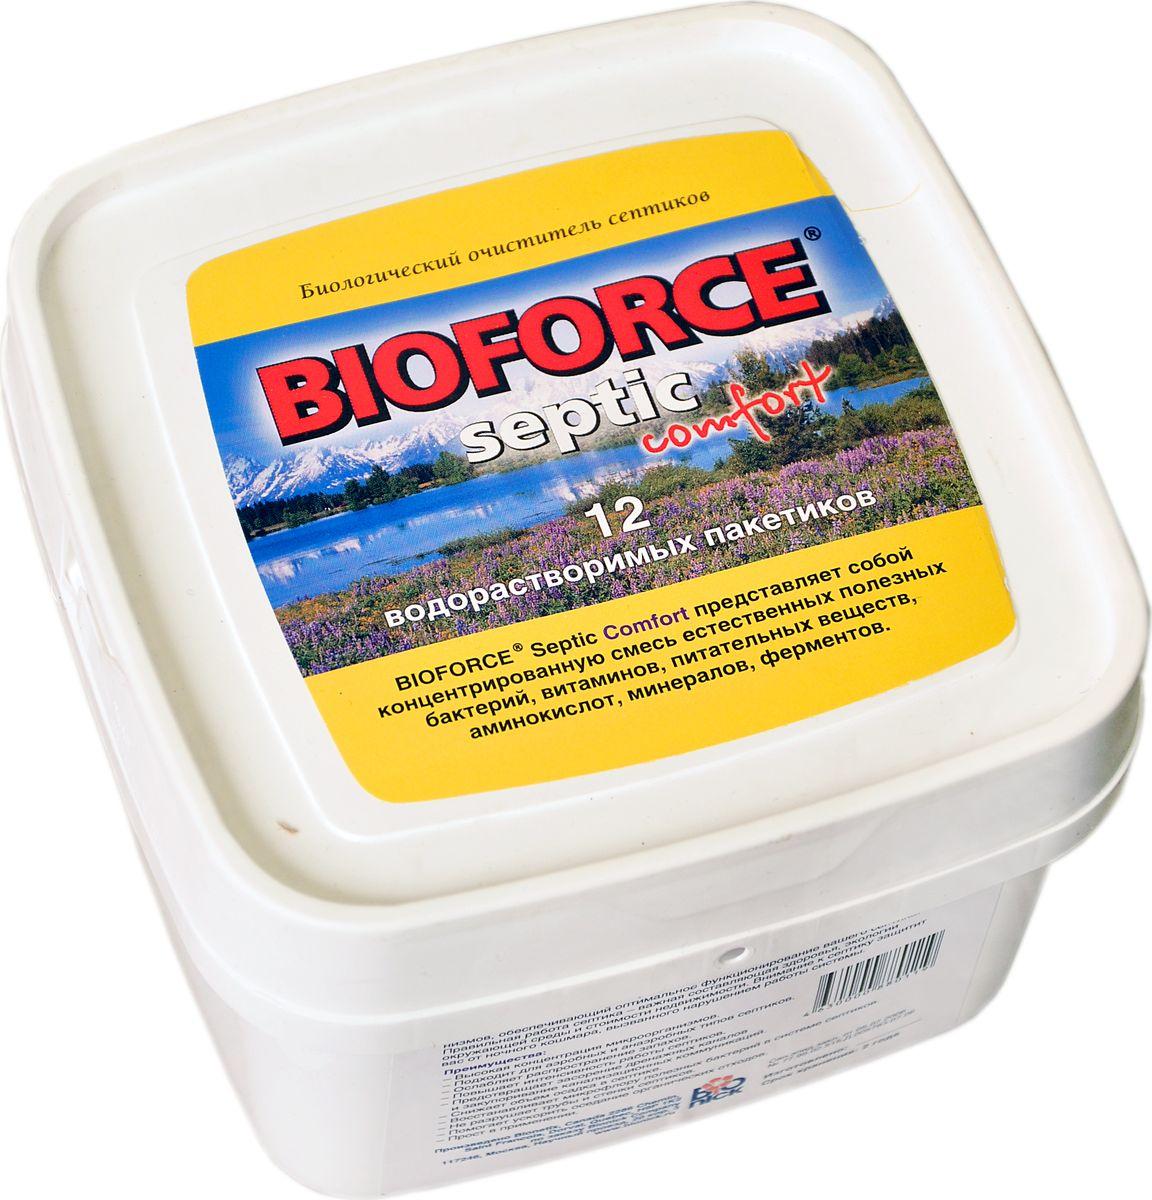 Средство для септиков и биотуалетов Bioforce Septic Comfort, 56 г, 12 штBС-006Биологический очиститель стоков очистных сооружений Bioforce Septic Comfort (672г.)Биопрепарат предназначен для обезвреживания и утилизации отходов жизнедеятельности человека, расщепления органических отходов, уменьшения объема осадка в системе баков септиков, ослабления запахов. Подходит для аэробных и анаэробных типов септиков. Предотвращает засорение дренажных каналов и закупоривание канализационных коммуникаций. Восстанавливает культуру полезных бактерий в системе септиков. Подходит для аэробных и анаэробных типов септиков. Уникальная форма фасовки, водорастворимые саше, обеспечивает наиболее комфортное внесение препарата.ПРИМЕНЕНИЕ:Bioforce Septic Comfort можно вносить как непосредственно в очистное сооружение, так и через унитаз или раковину дома.Ежемесячно вносите 1 пакетик средства на емкость объемом от 2 до 4 м3. Для первичного запуска очистного сооружения необходимо четырехкратное увеличение дозировки. Расход увеличивается пропорционально объему системы. В системы объемом более 20 м3. рекомендуется вносить препарат один раз в неделю, из расчета приблизительно ? месячной дозировки.Состав: концентрированная смесь полезных природных бактерий, питательных веществ, аминокислот, минералов, ферментов.